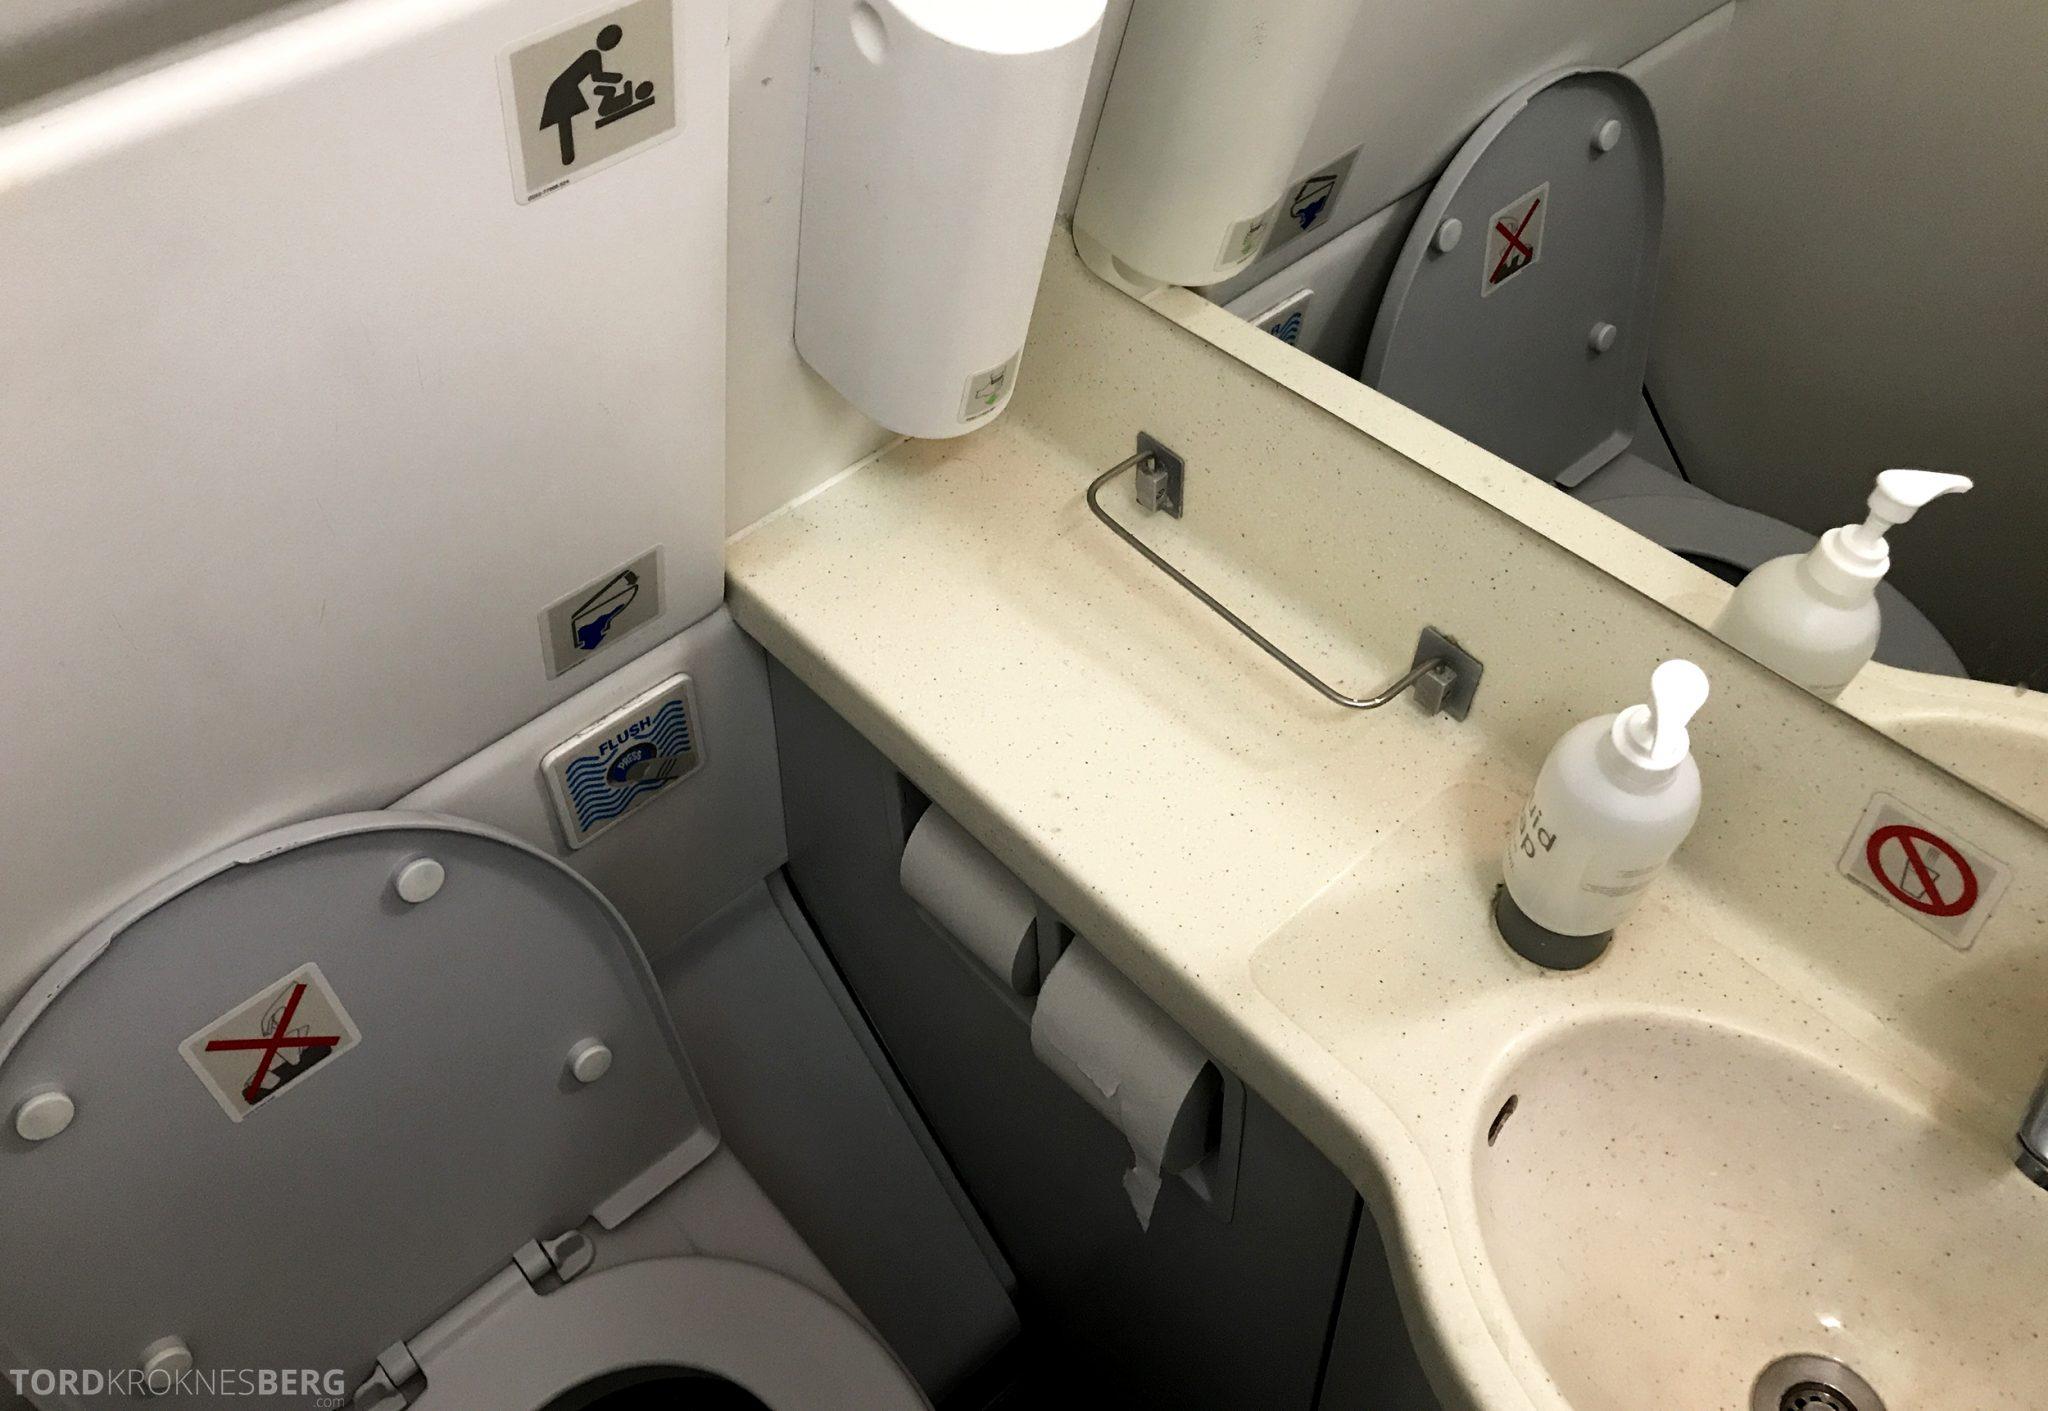 SAS Plus Oslo San Francisco toalett